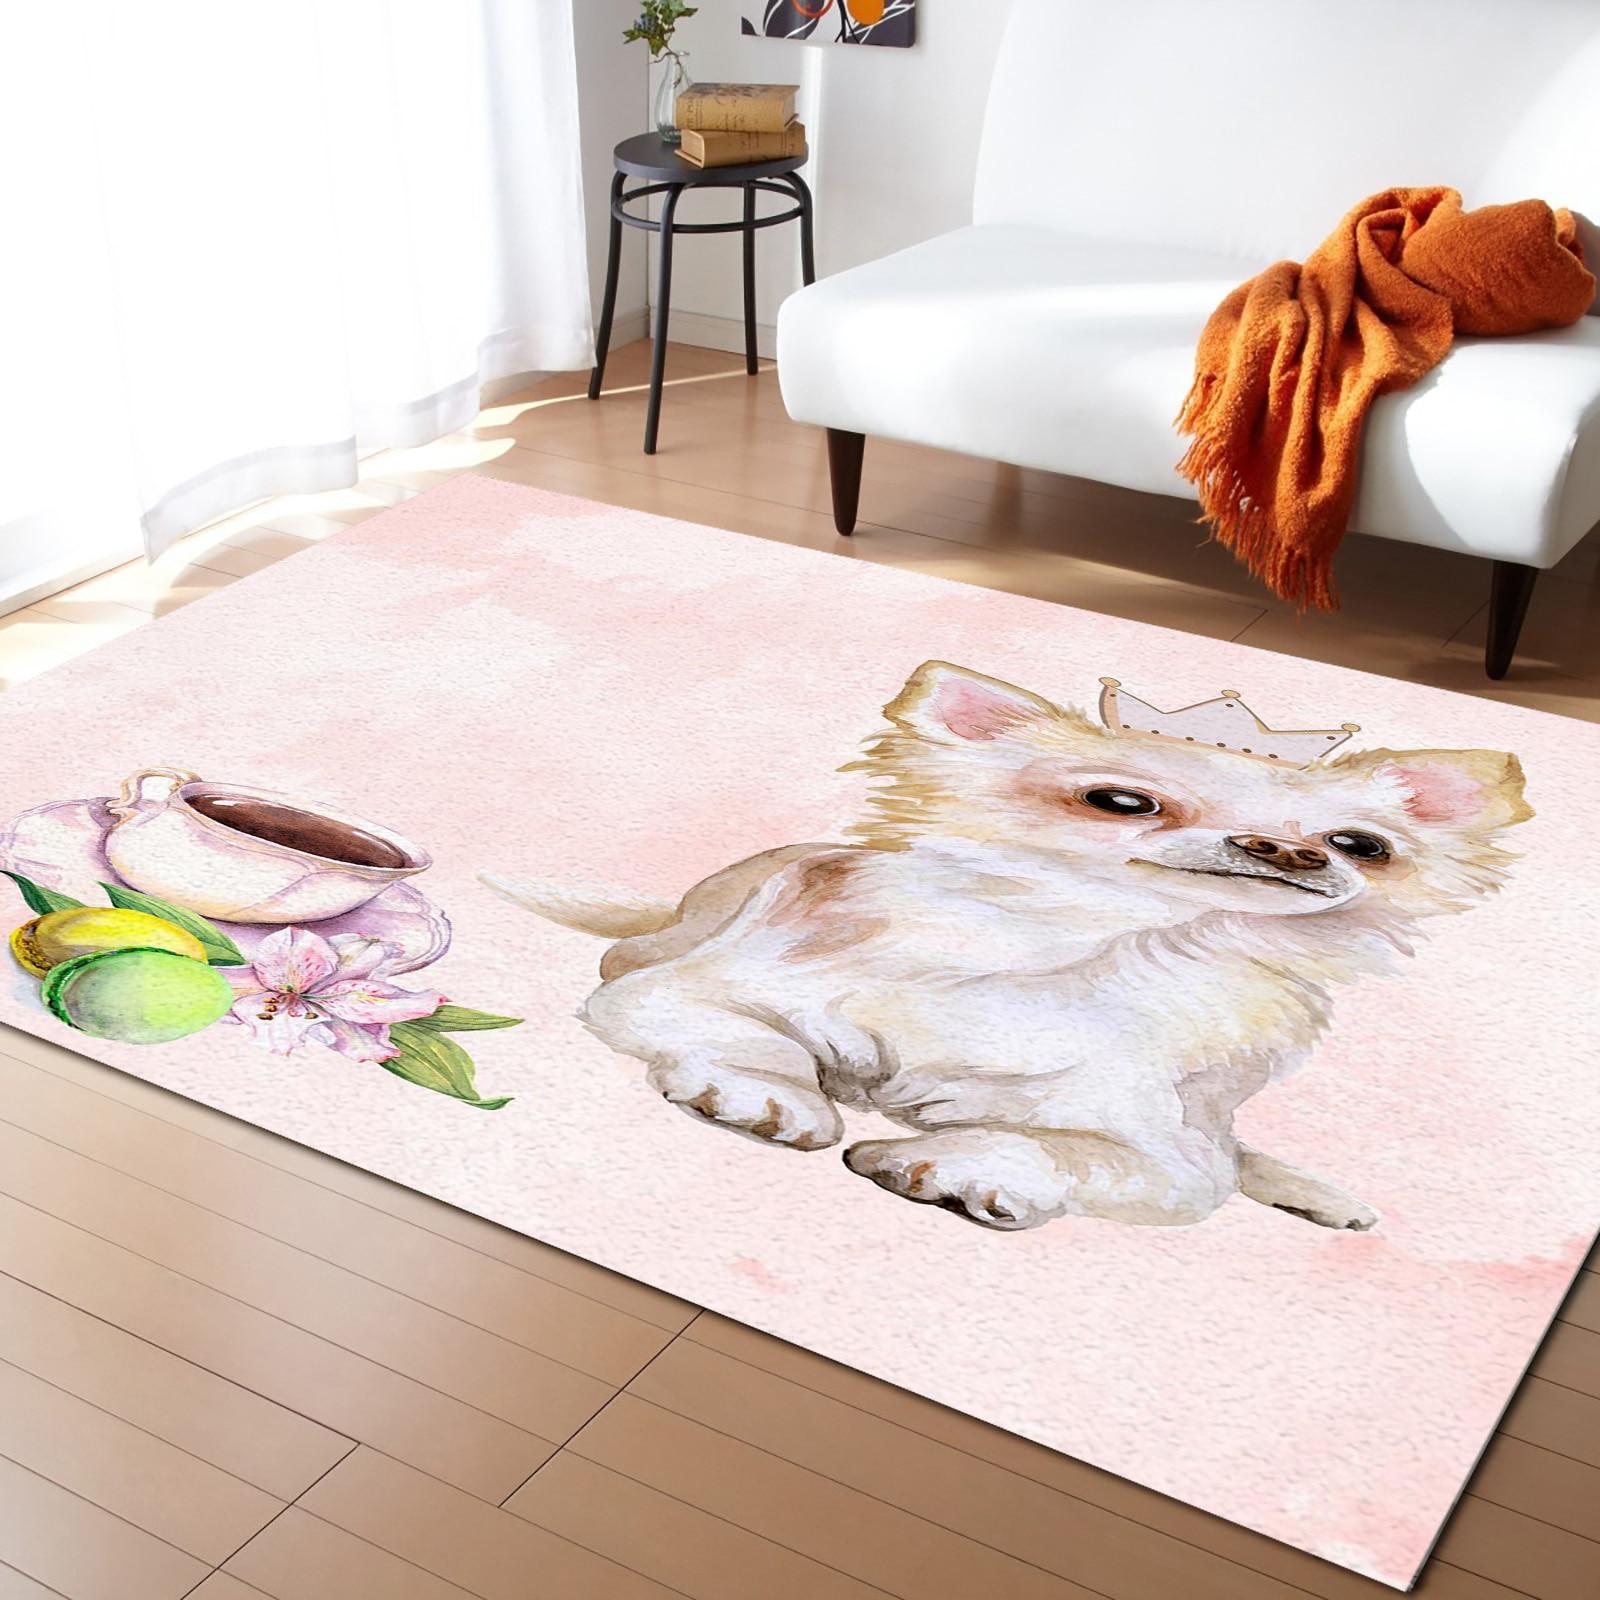 الكلب فنجان القهوة المائية اللوحة السجاد لغرفة النوم ديكور المنزل السجاد Kawaii السجاد و السجاد ل غرفة المعيشة المنزلي